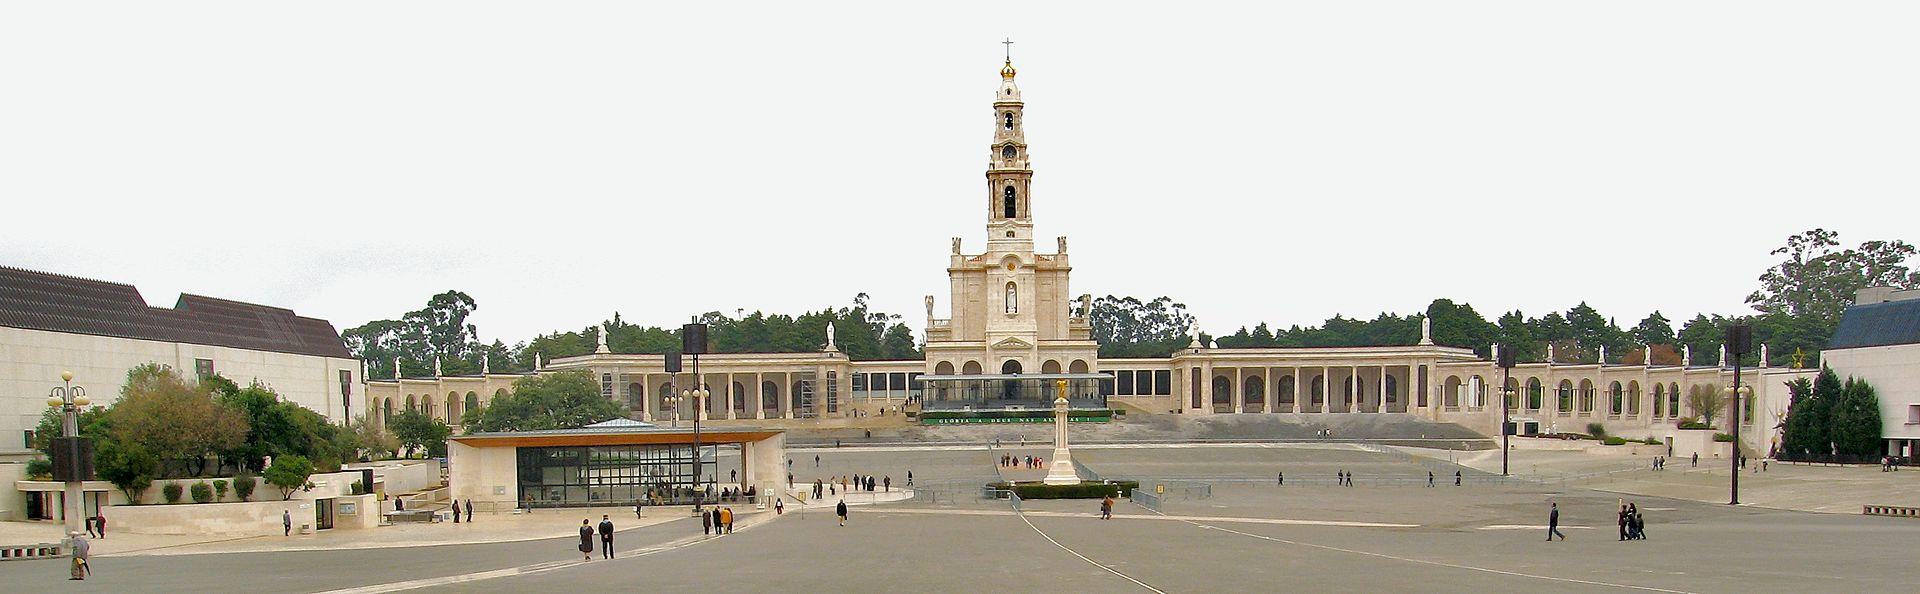 المقدس - مدينة فاطمة البرتغالية